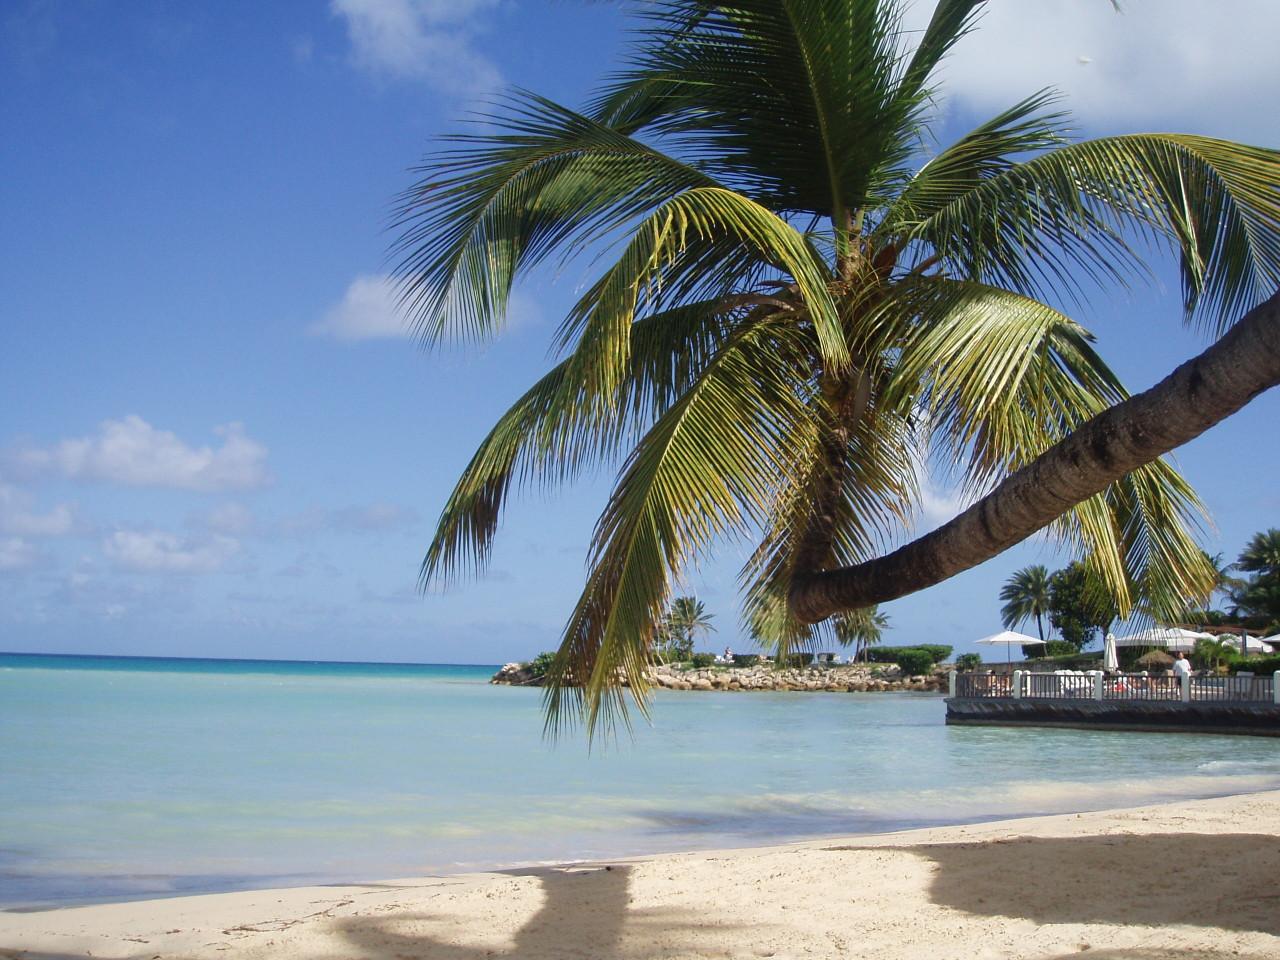 Wallpapers de Palmeras [Beach Palm Tree] Fotos e Imgenes en 1280x960